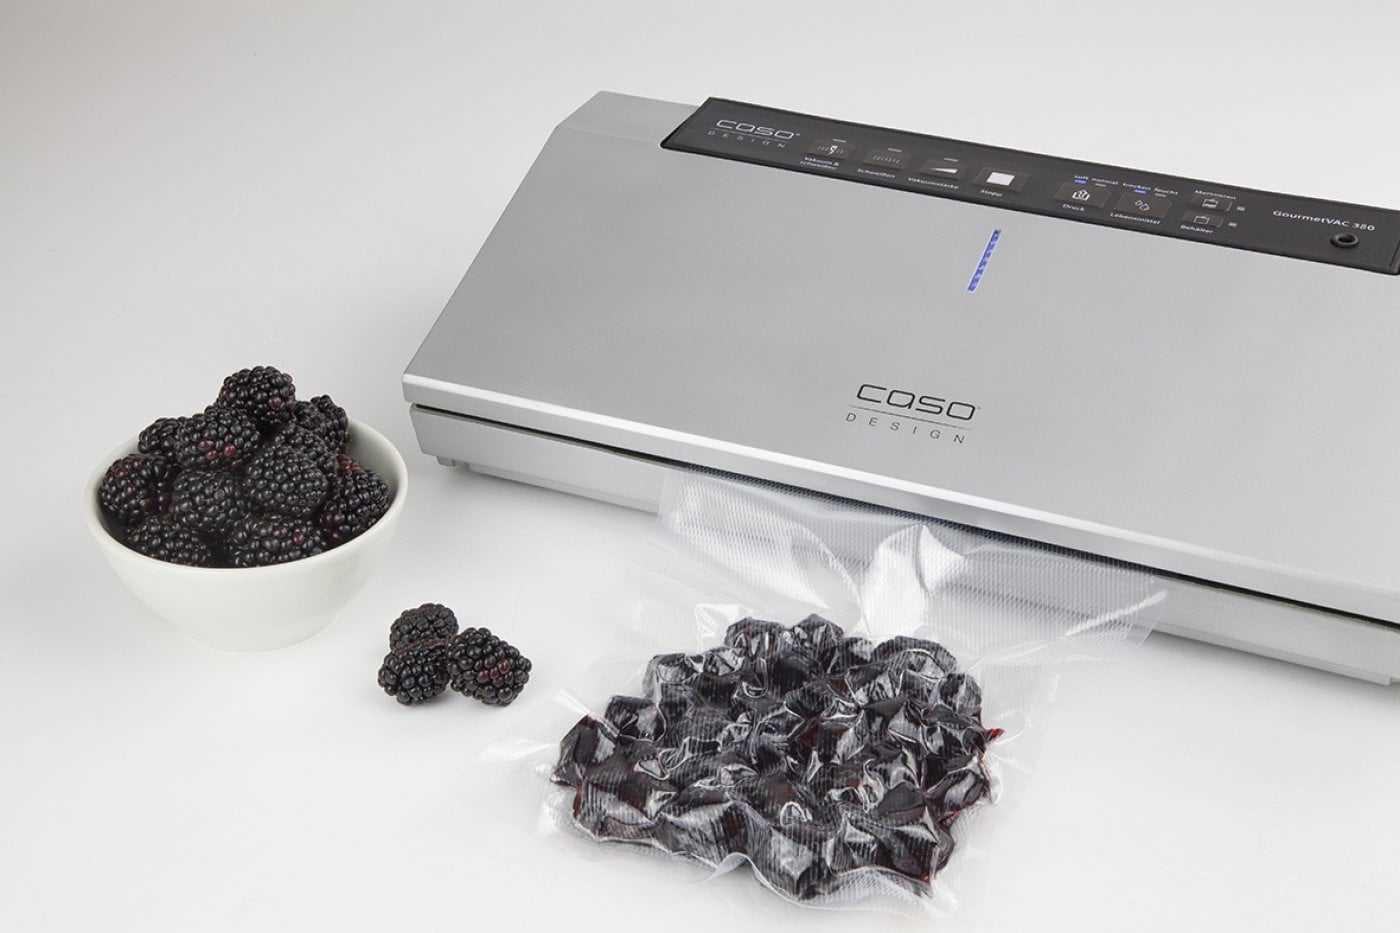 CASO GourmetVAC 380 | vollautomatisches Vakuumiersystem zum Vakuumieren Ihrer Lebensmittel